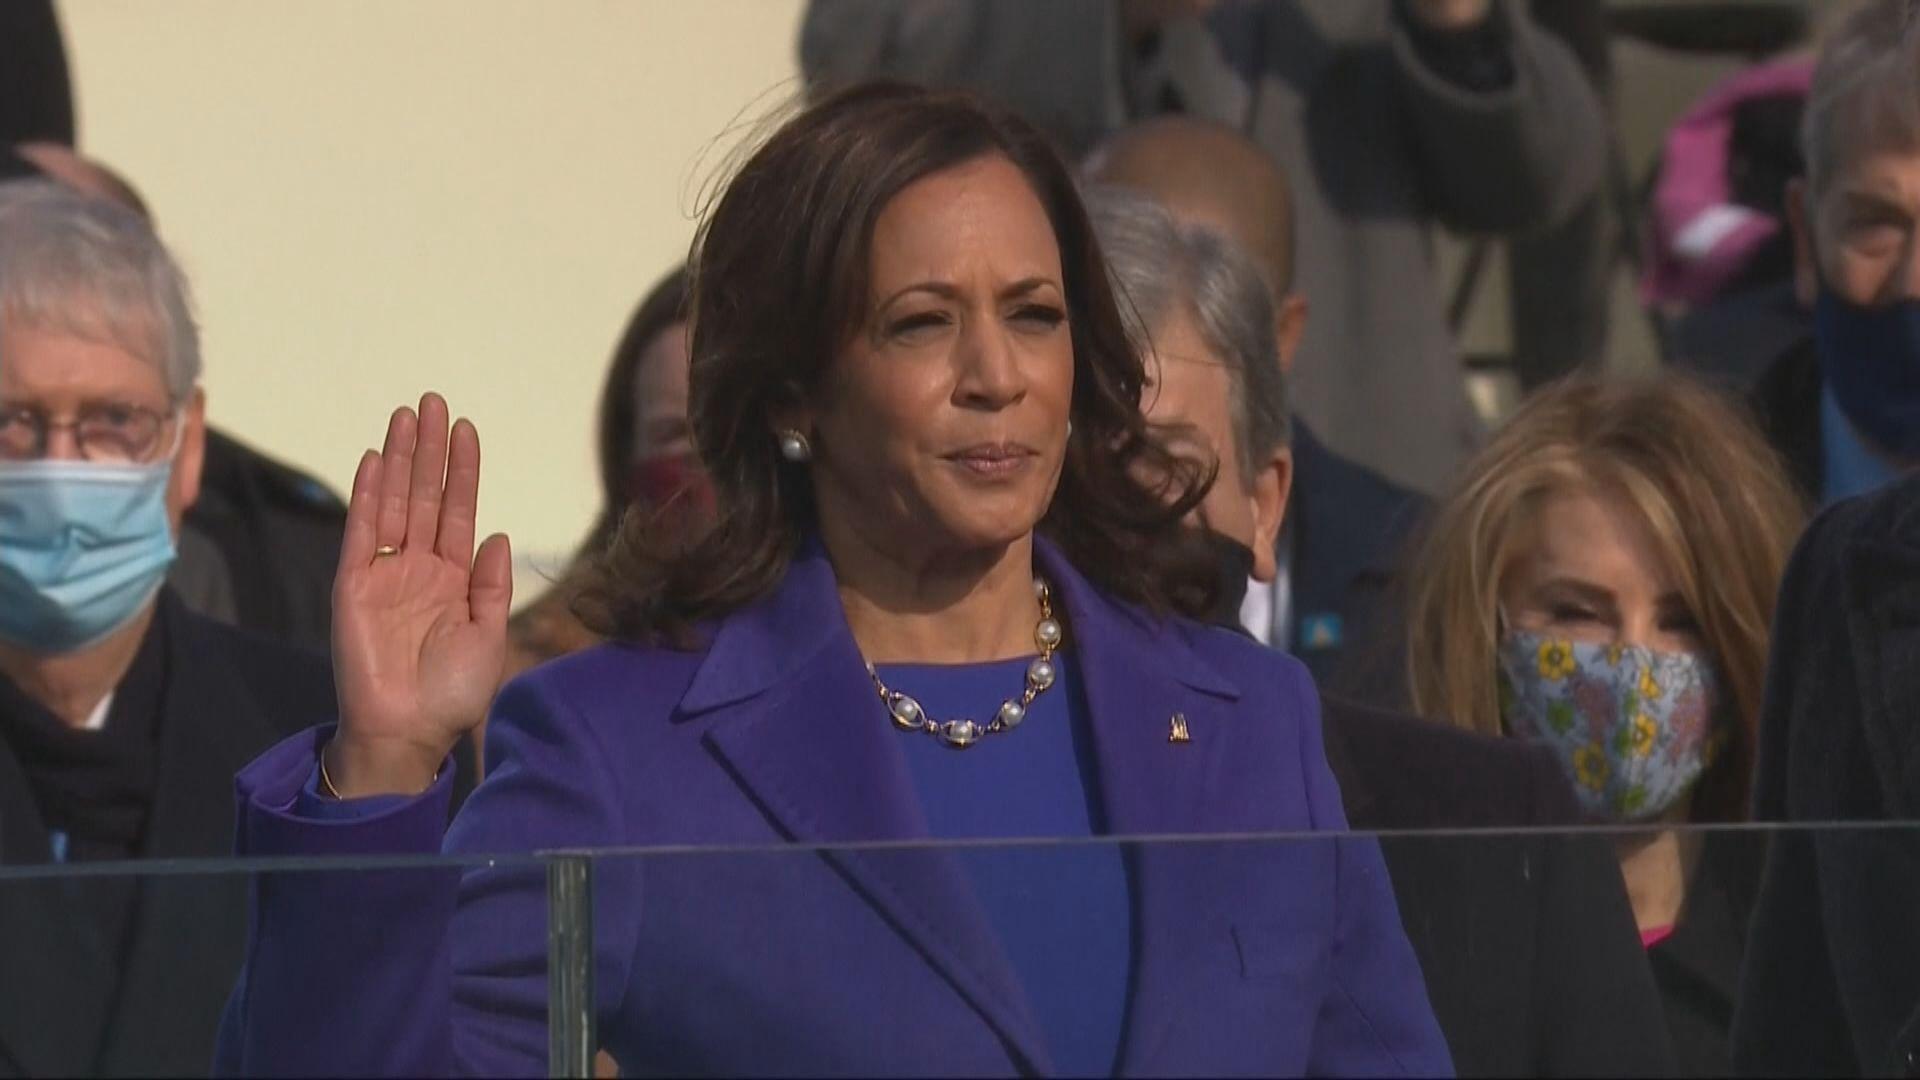 賀錦麗宣誓就任美國副總統